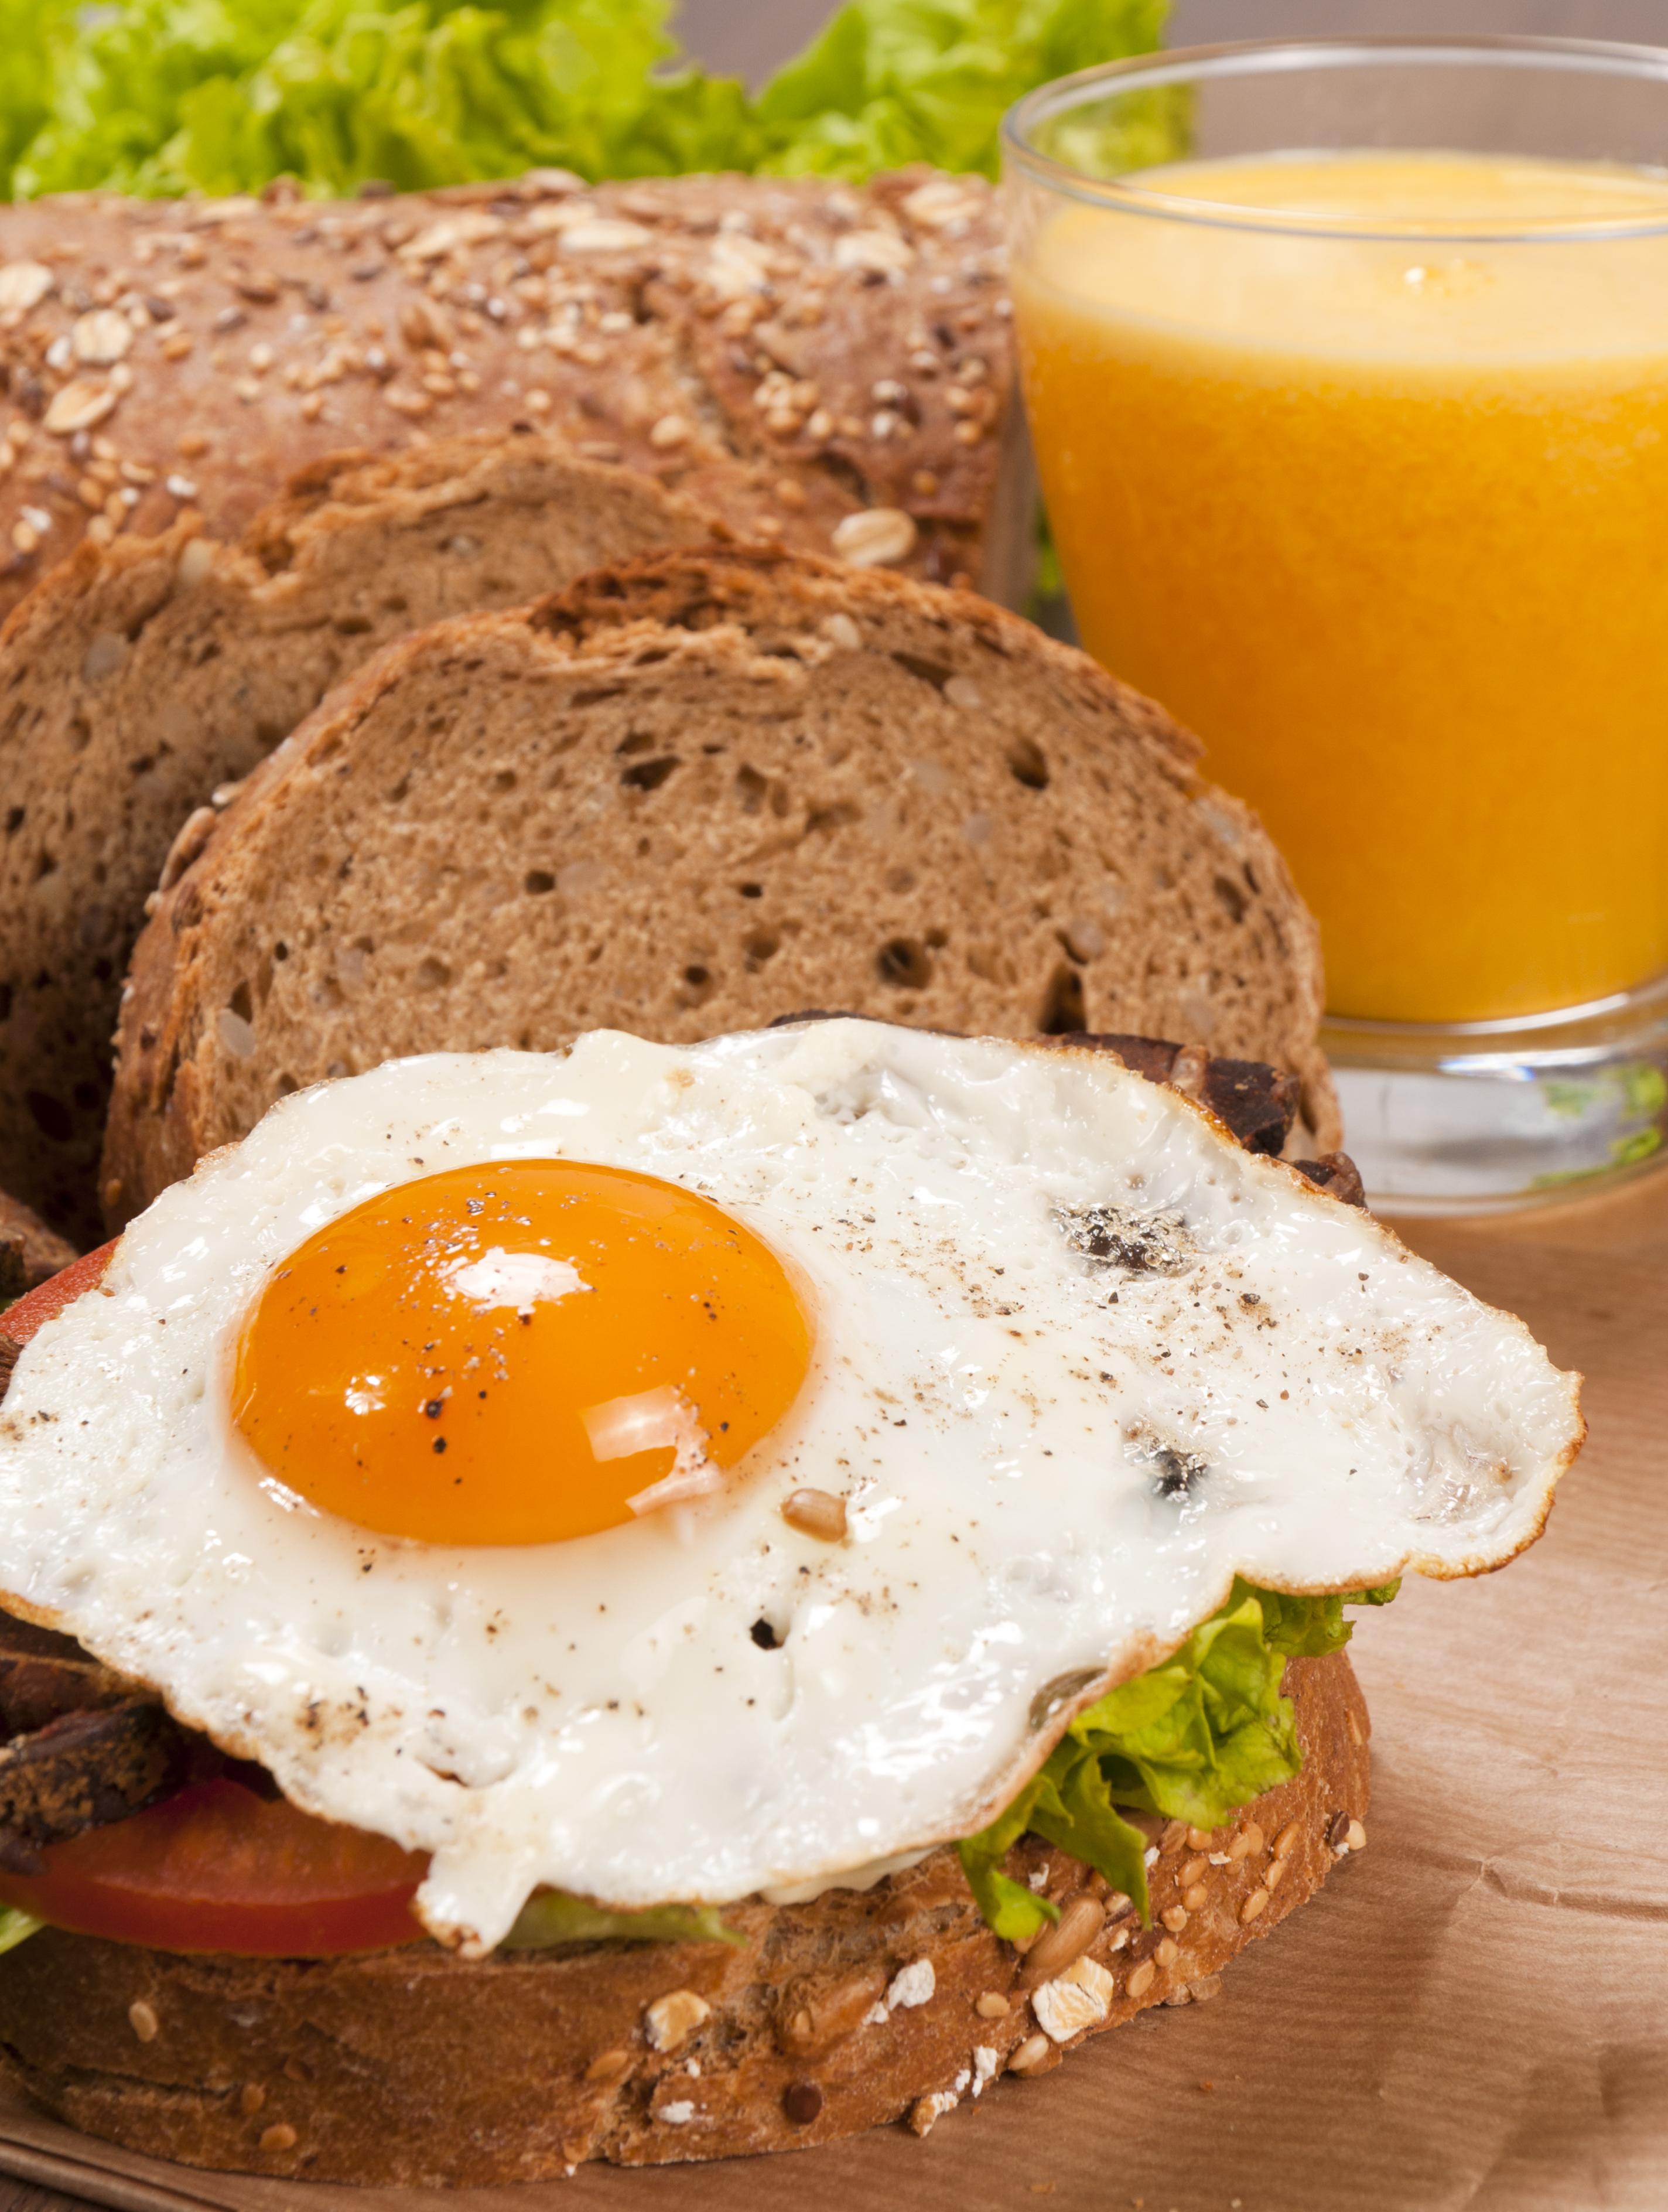 Montadito de jamón serrano y huevo de codorniz